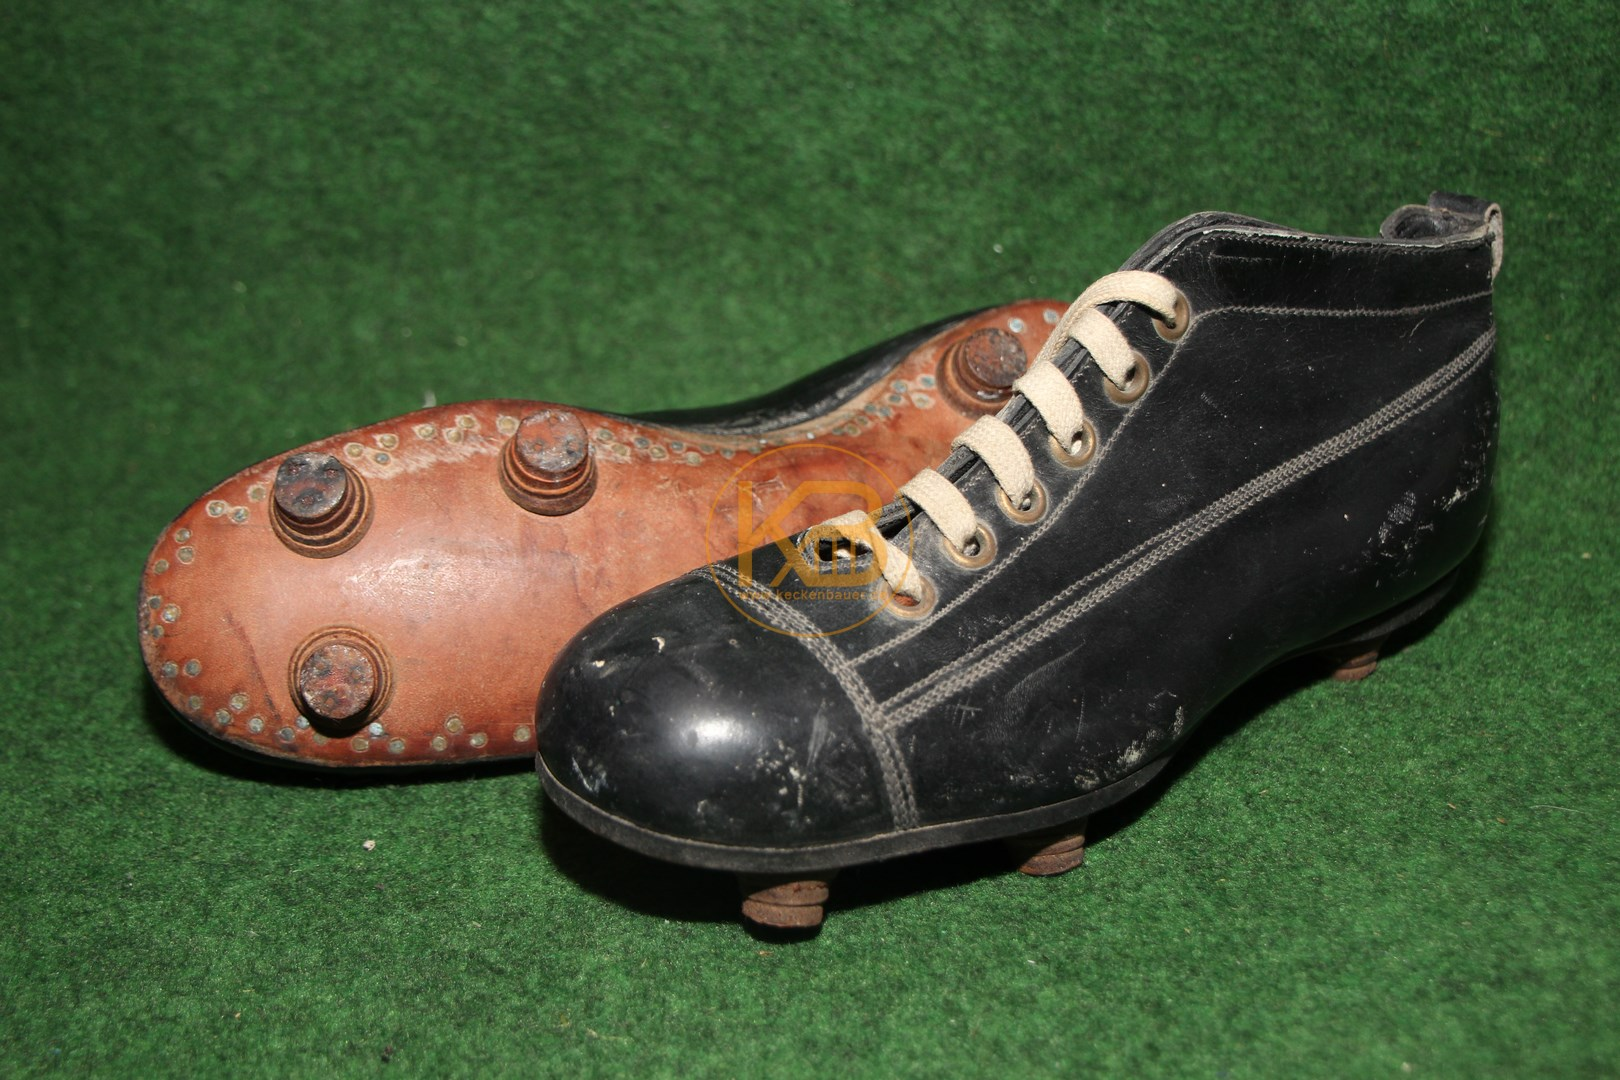 Schwarze hohe Fußballschuhe mit genagelten Stollen aus den 1920er Jahren.